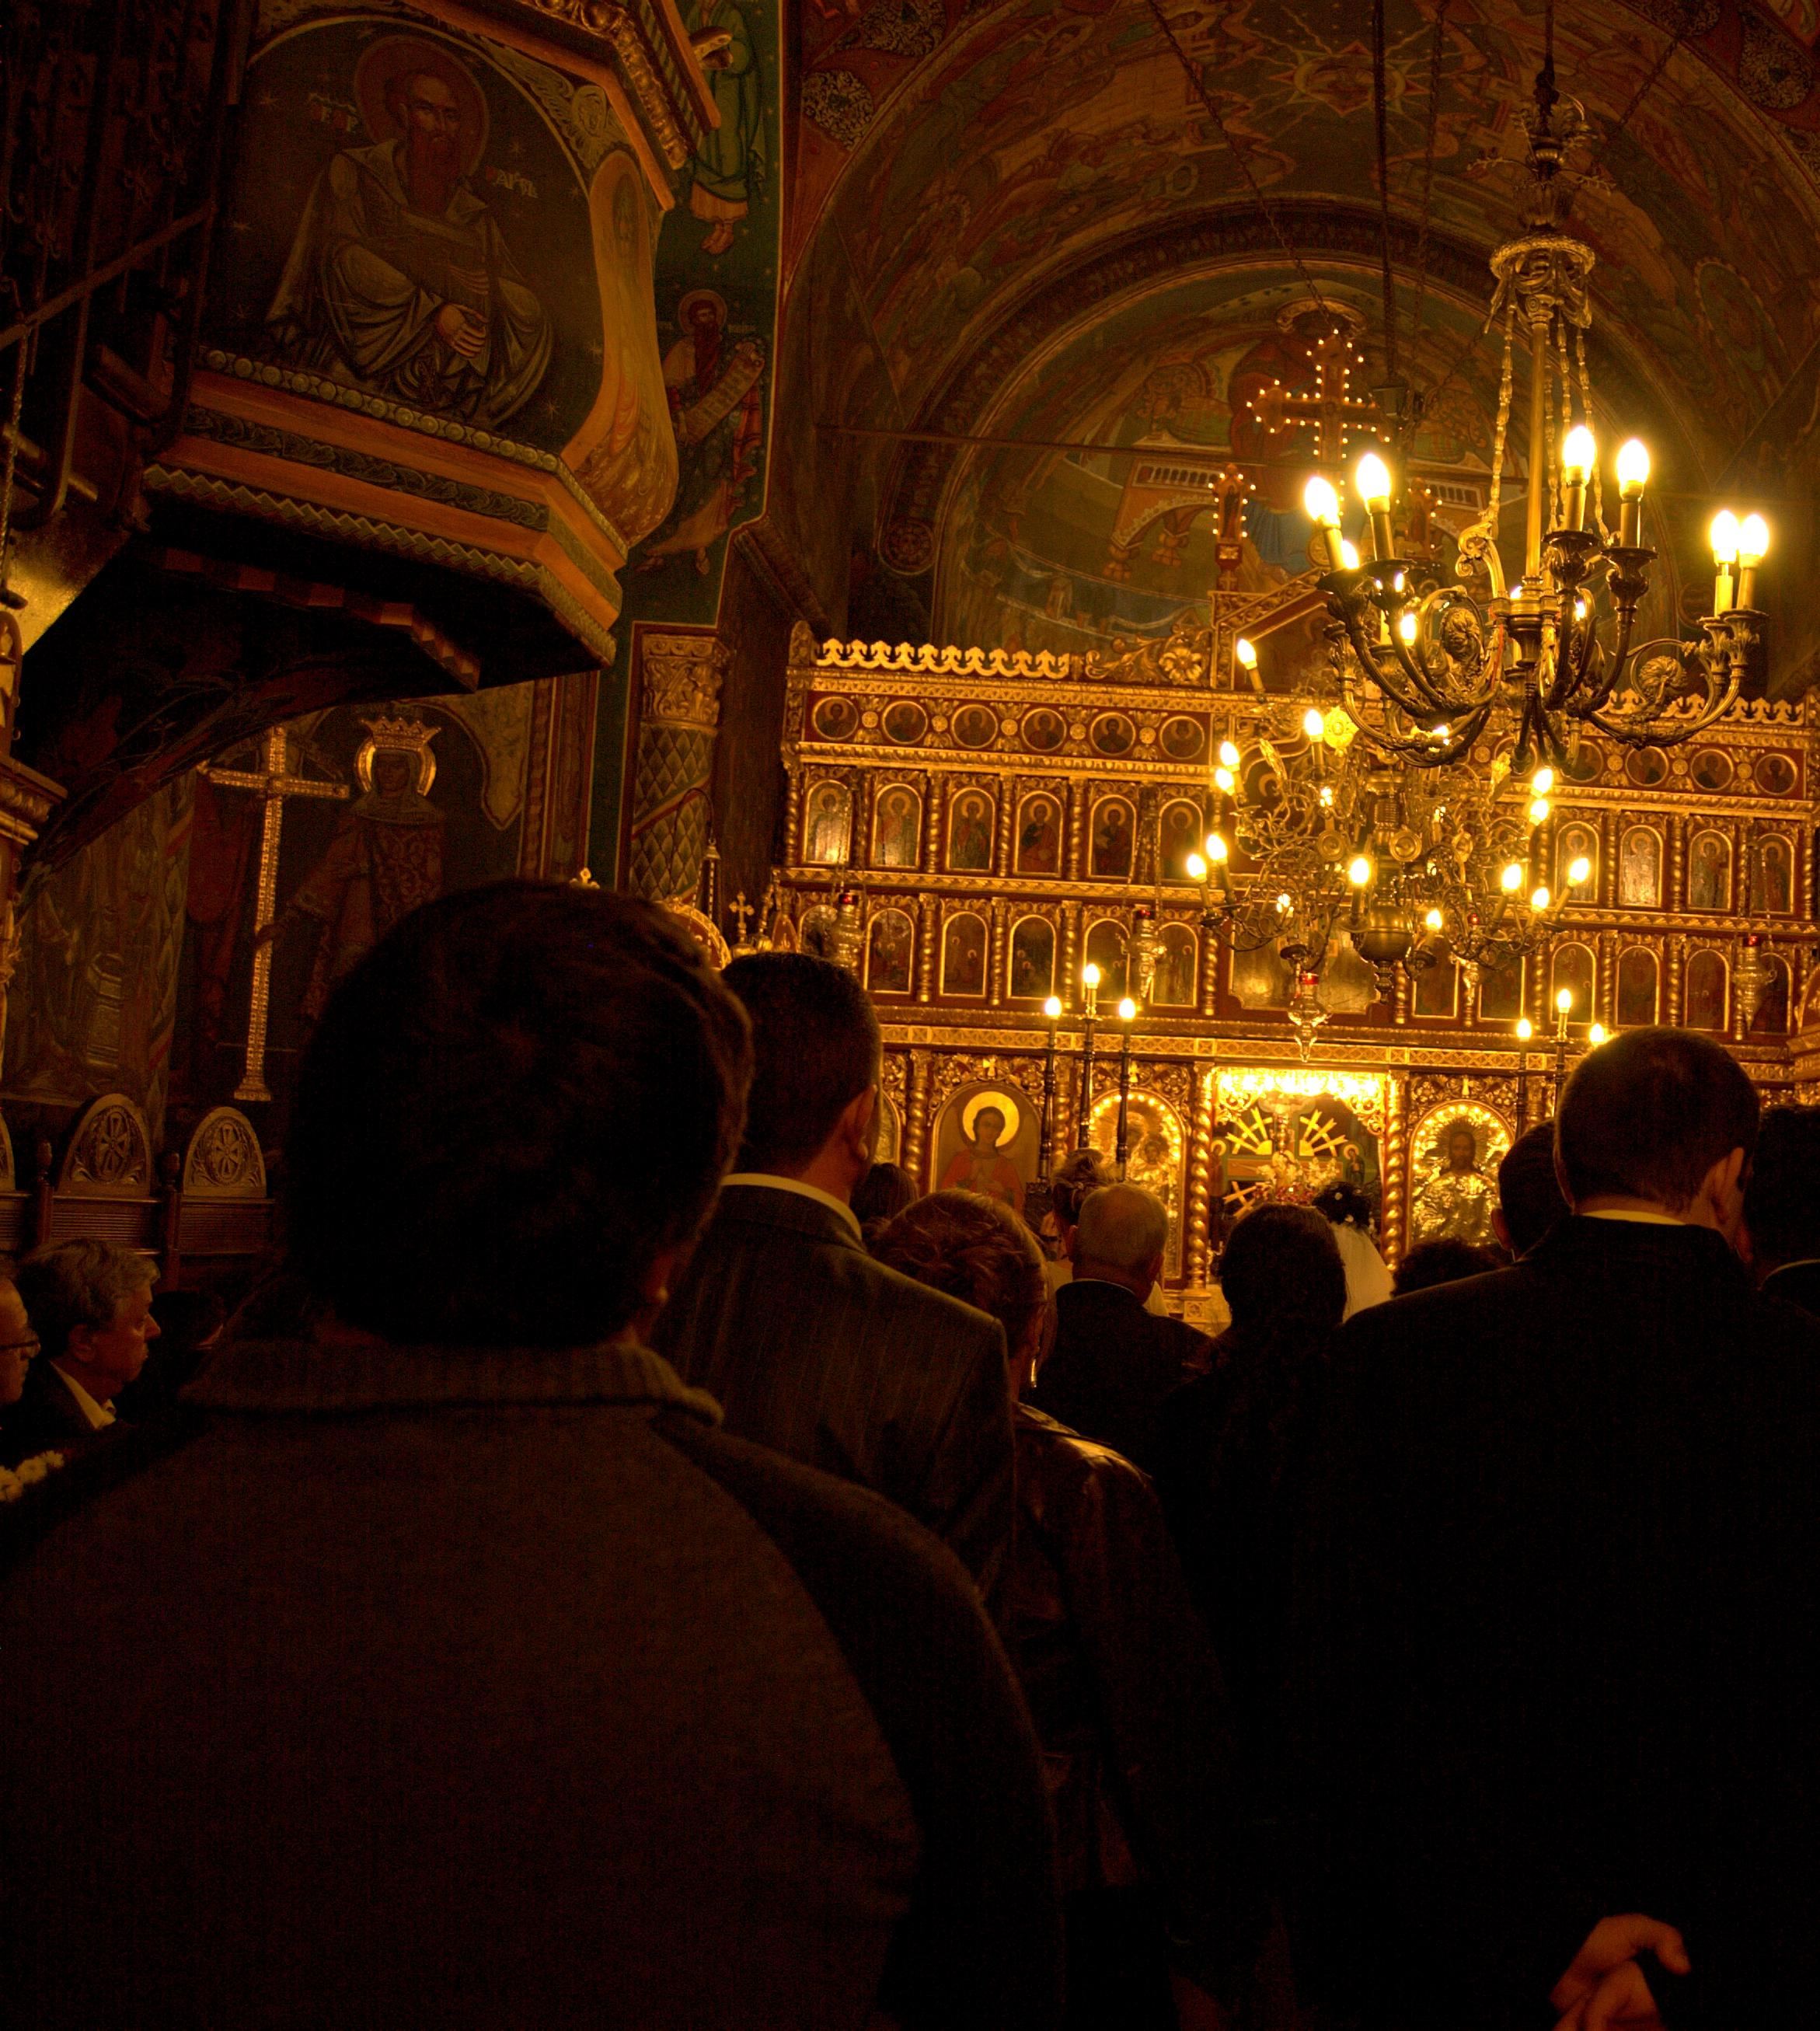 Cantarea in comun a credinciosilor